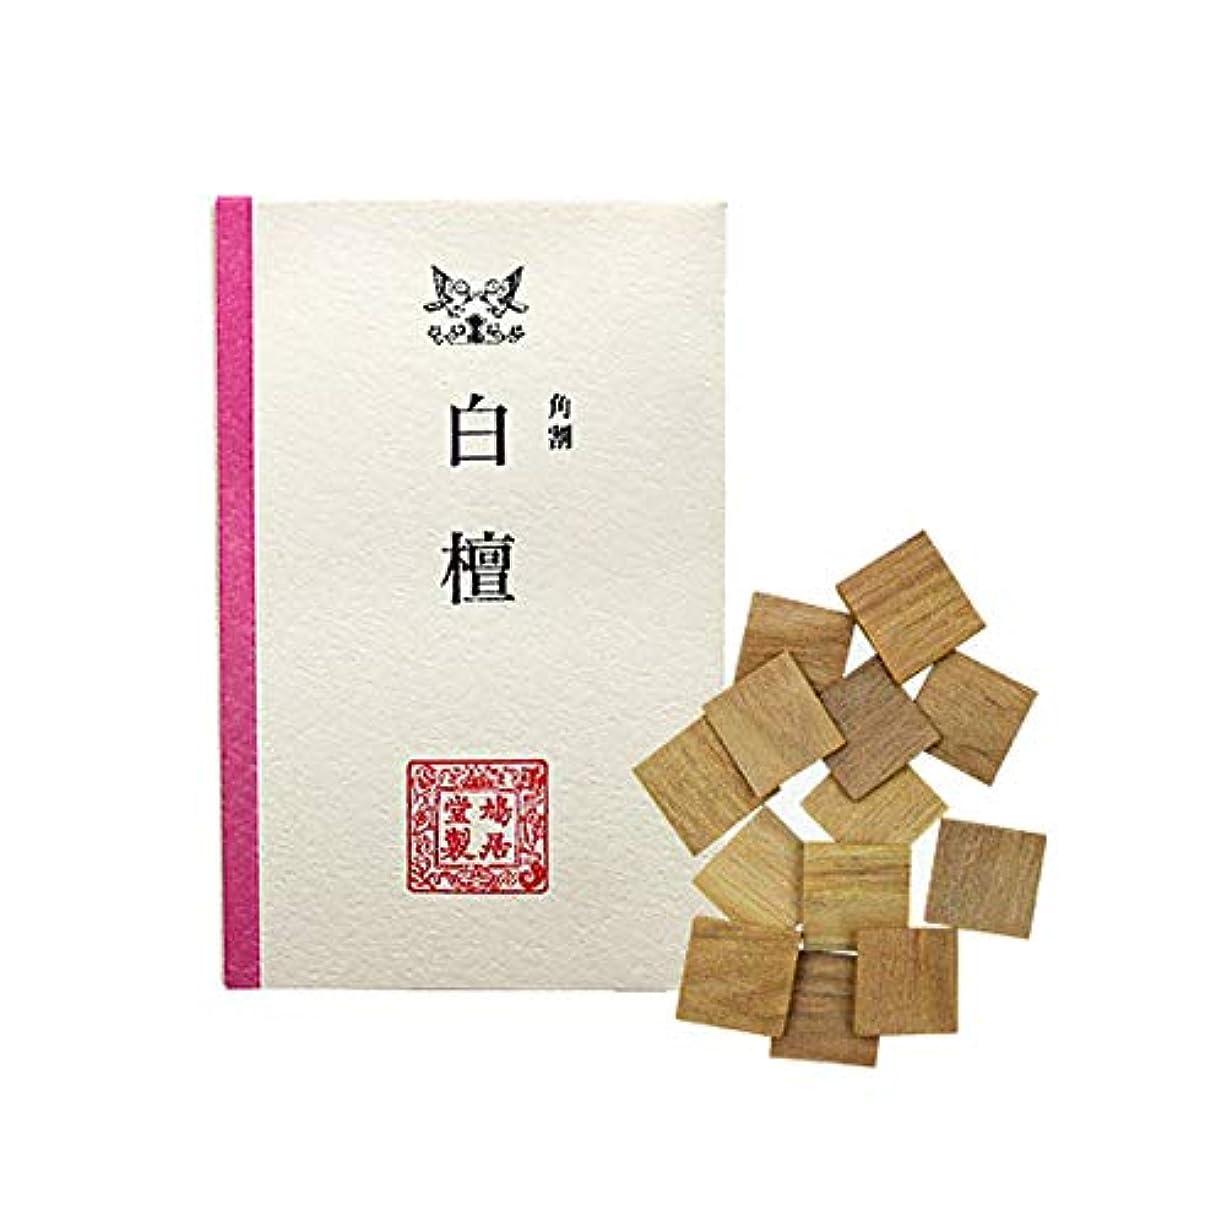 たくさんコントロール深いM 茶道具 香 香木 鳩居堂 角割 白檀 (海外発送不可)ほんぢ園